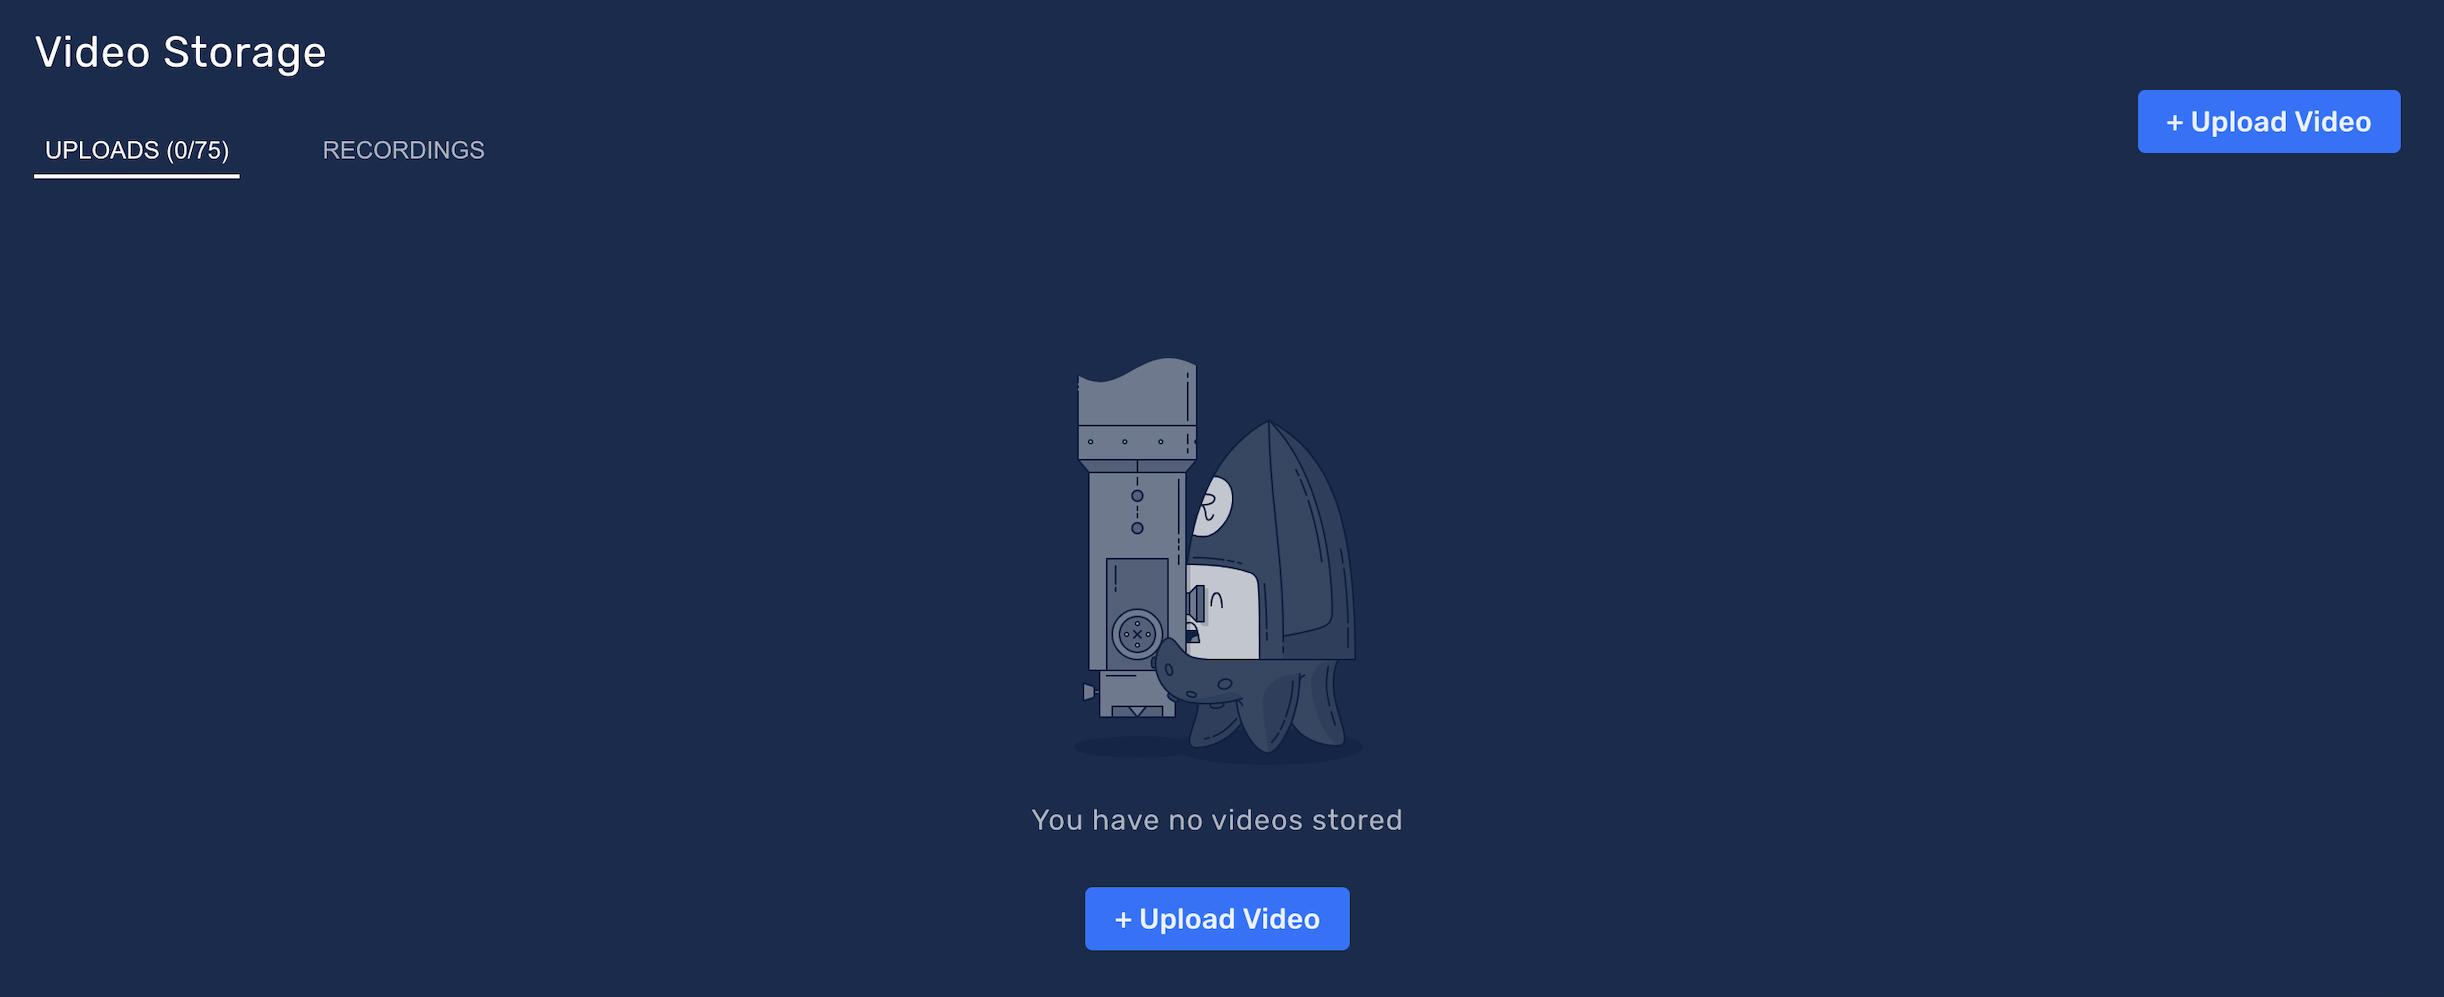 Restream Video Storage